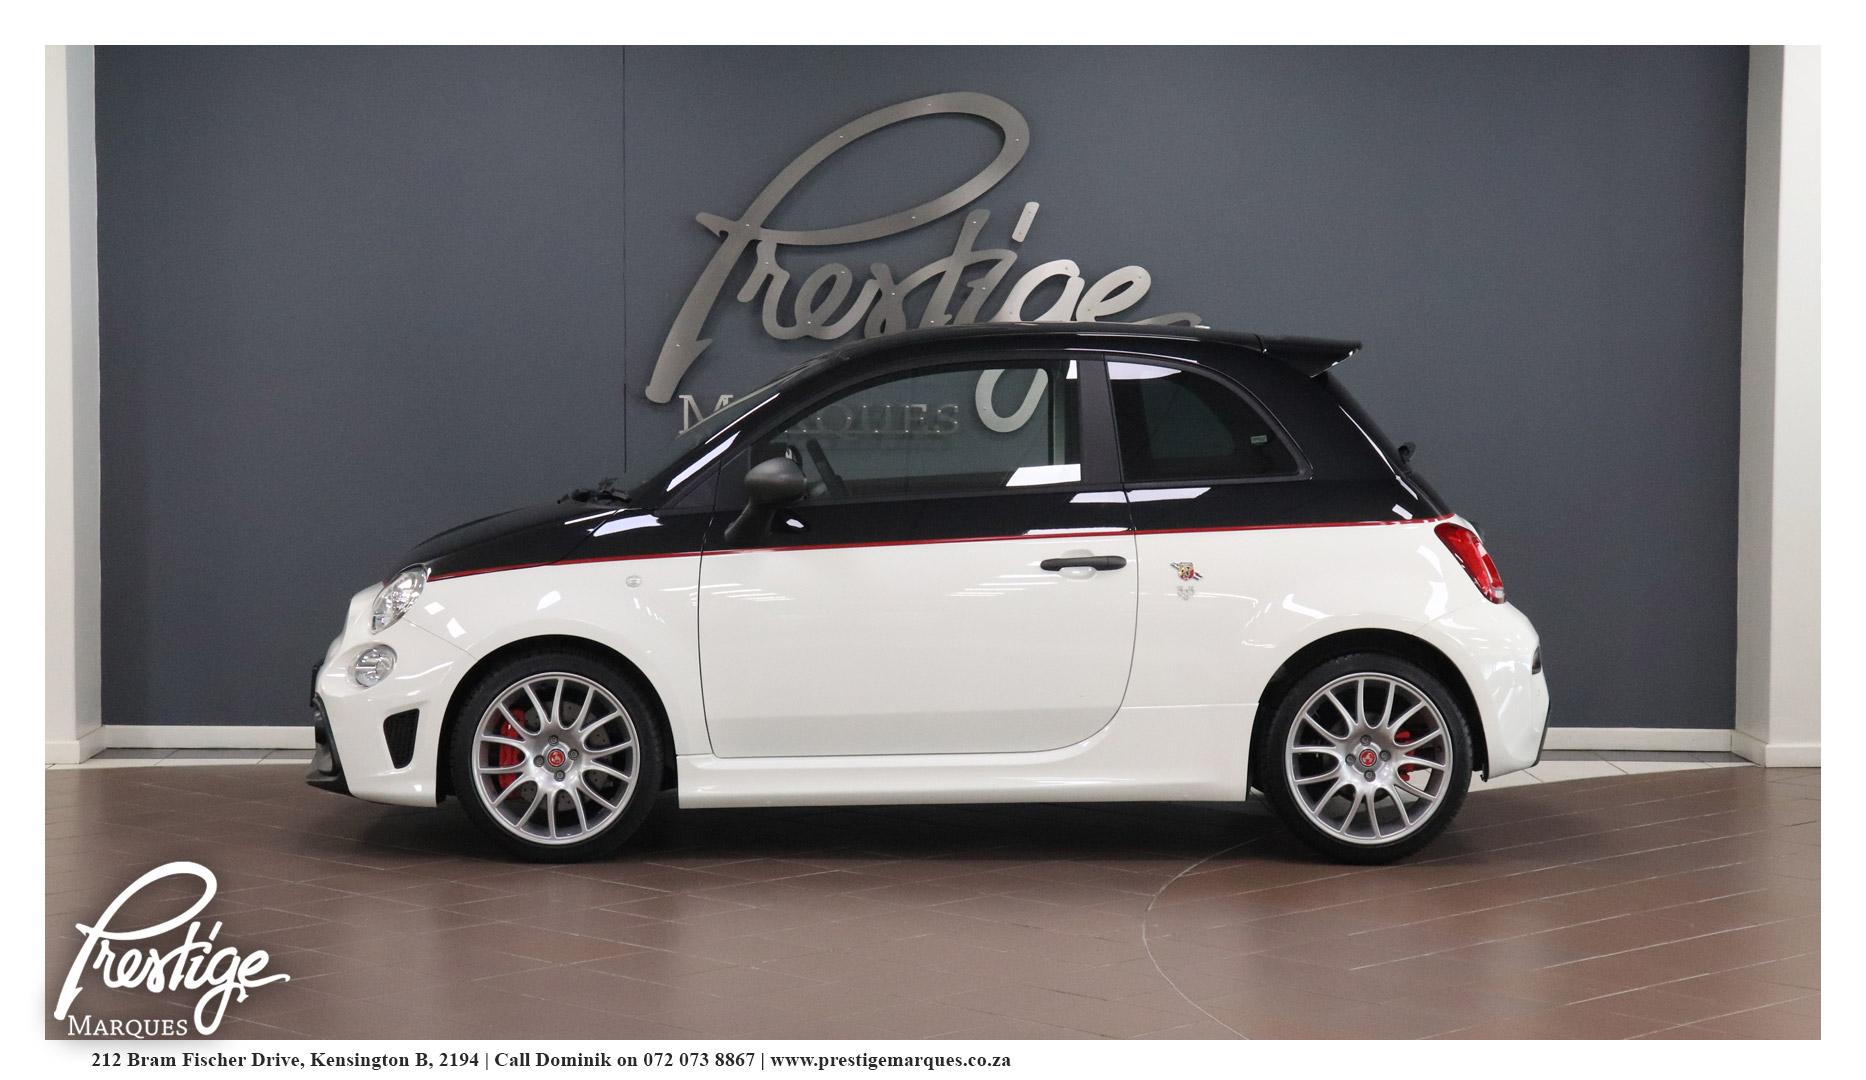 2020-Fiat-Abarth-595-Competizione-Manual-Prestige-Marques-Randburg-Sandton-3